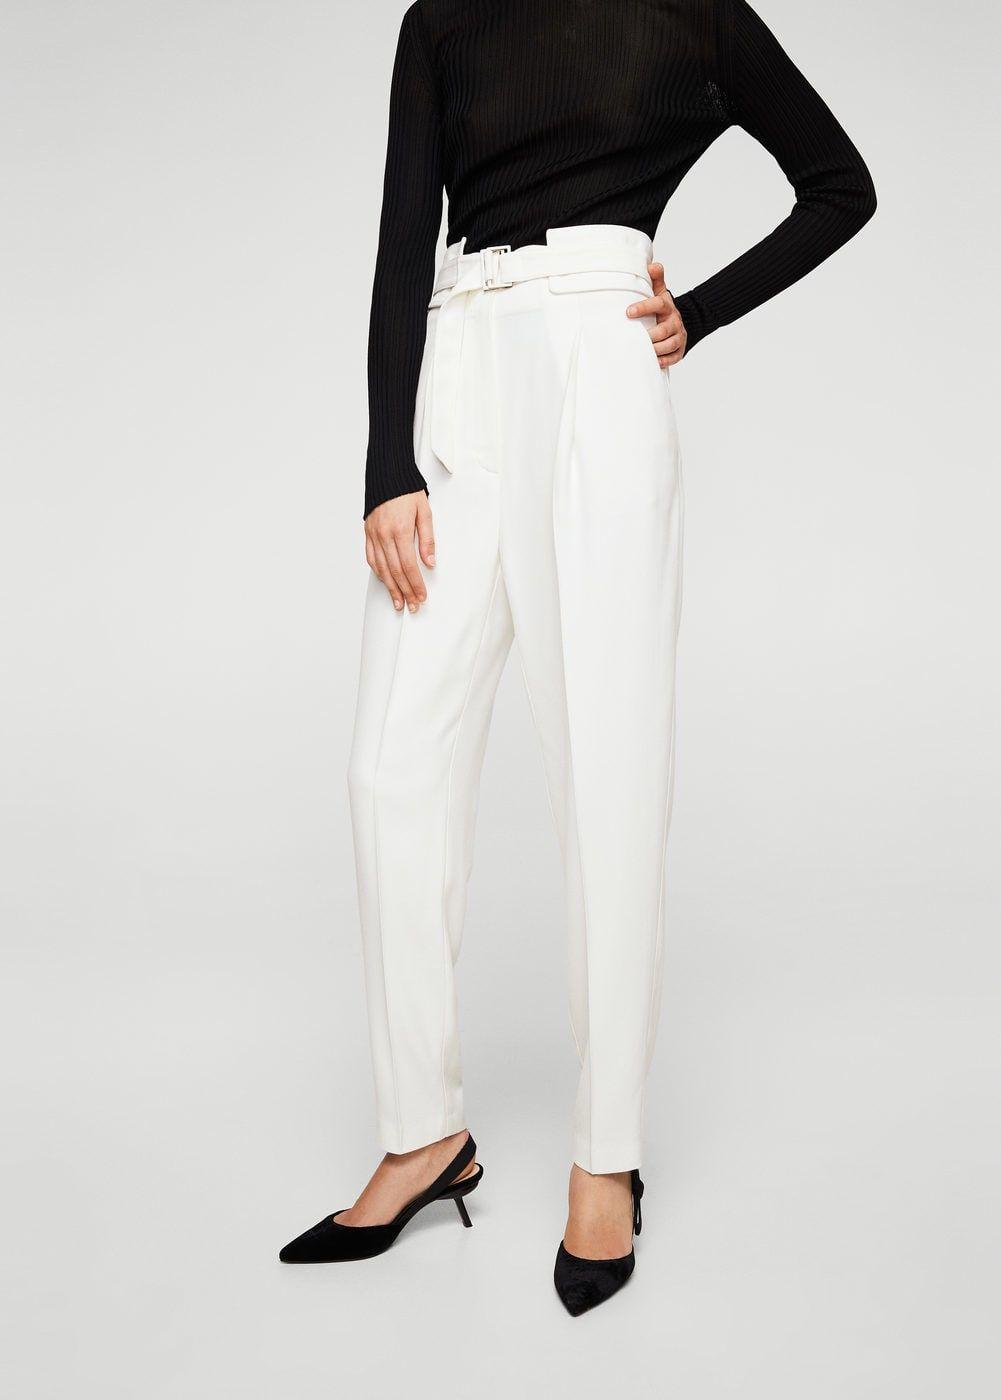 bd6d5e0be1f6b Pantalon laine ceinture - Femme | MANGO France Zara Soldes, Ceinture Femme, Pantalon  Droit